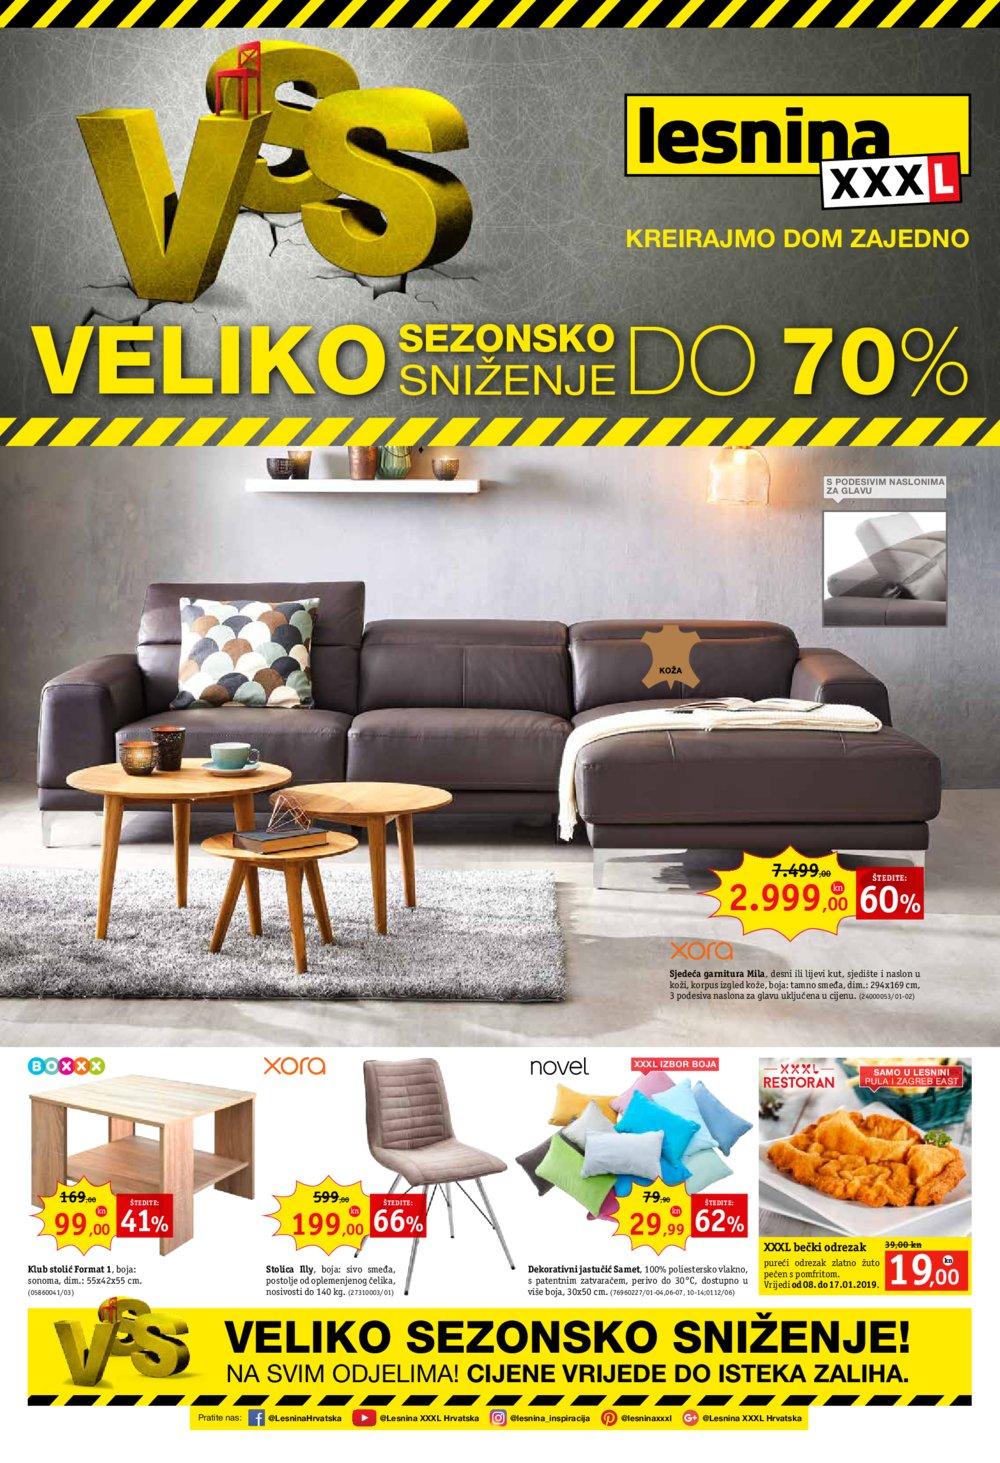 Lesnina katalog Veliko sezonsko sniženje Zg i Pu 08.01.-17.01.2019.